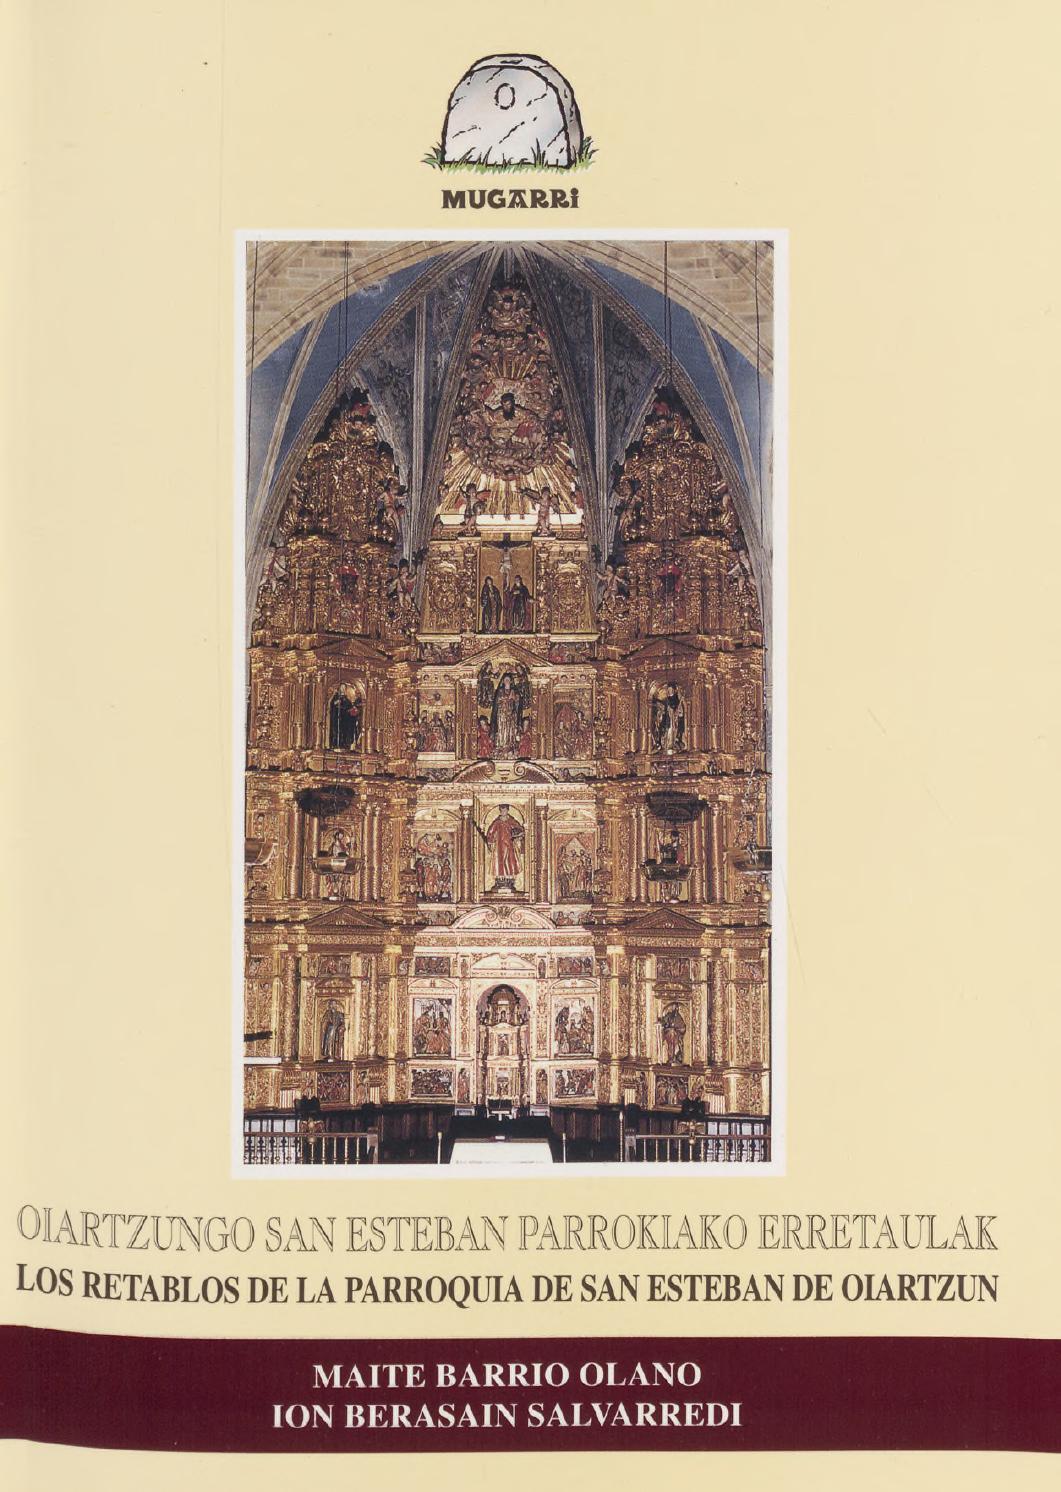 2001 Oiartzungo San Esteban Parrokiako Erretaulak By Oiartzungo  # Muebles Ugalde Hernani